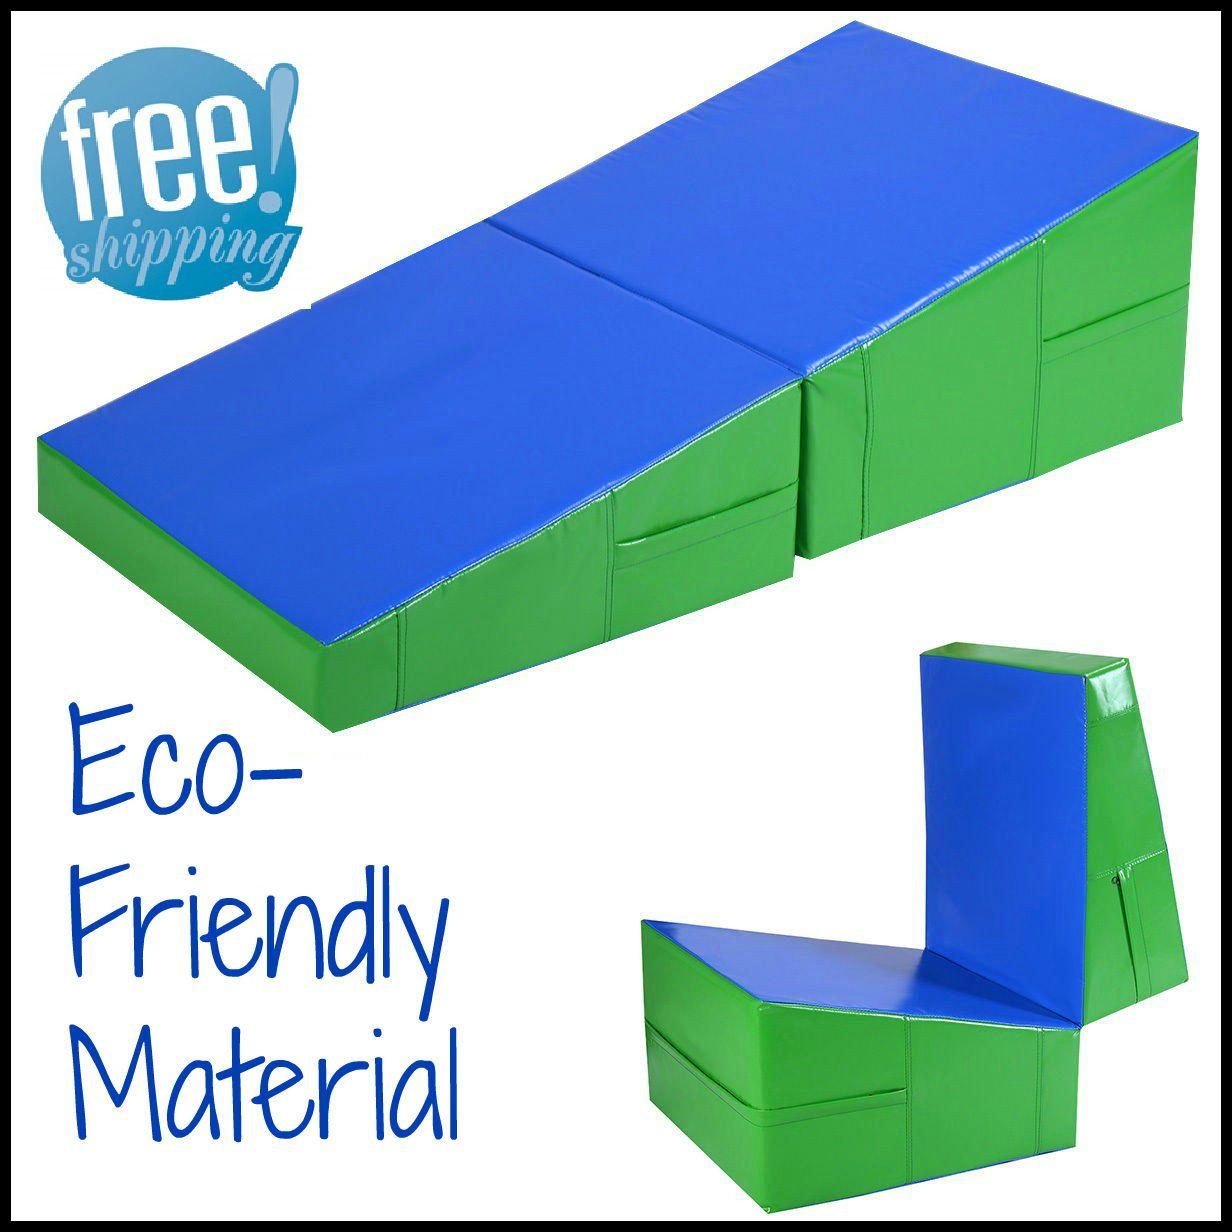 folding panel gymnastics fitness shop gym tri fold rakuten mat costway product thick mats x